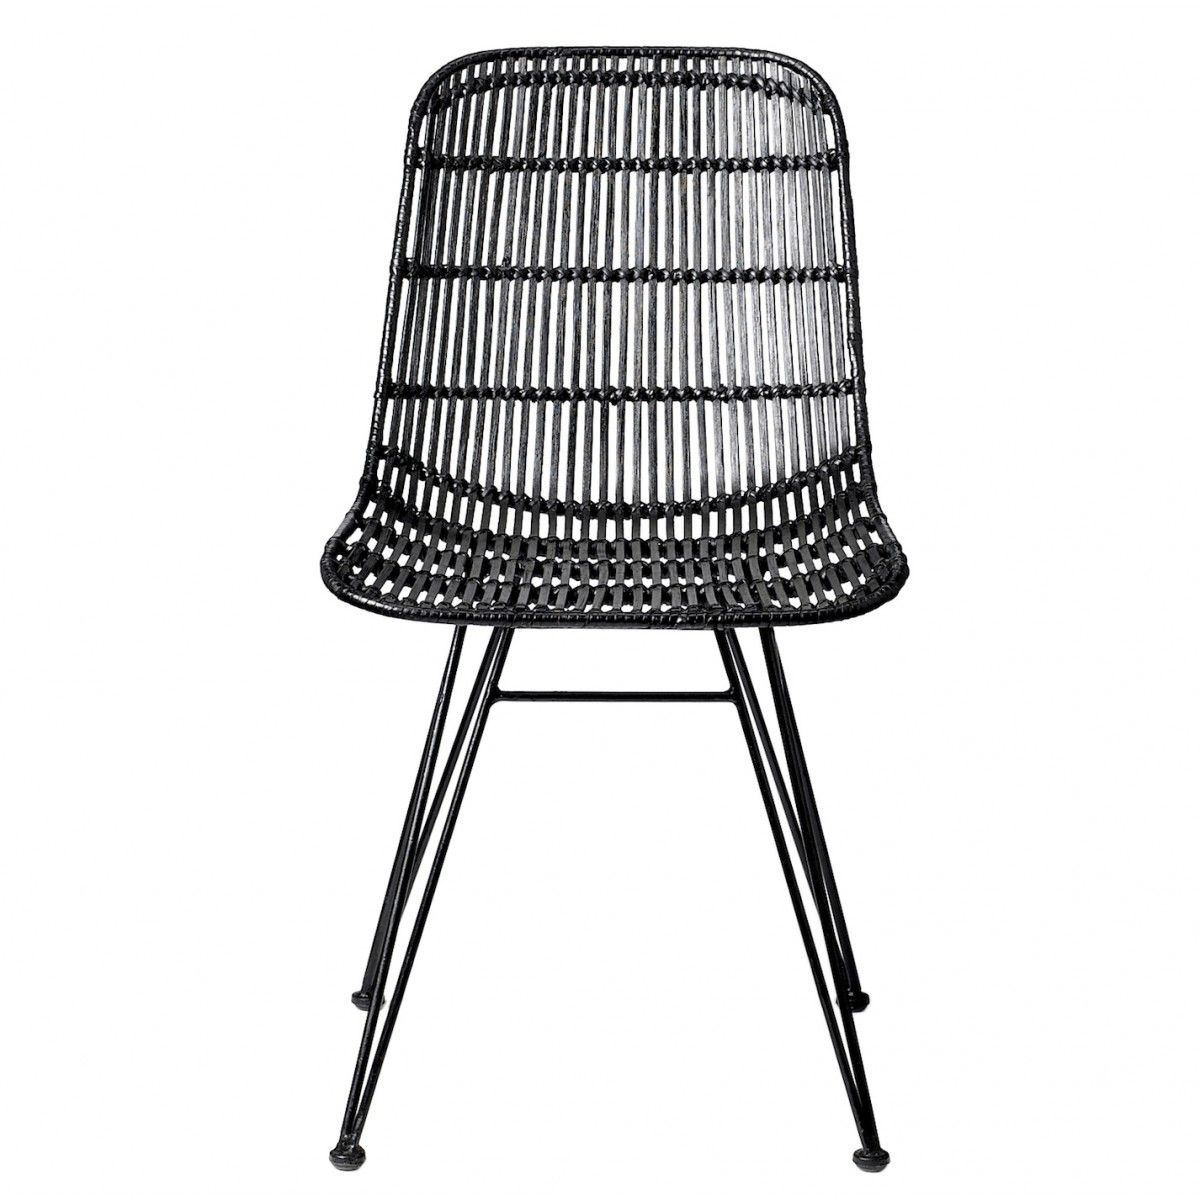 chaise rotin darling noir bloomingville - Chaise Rotin Noir